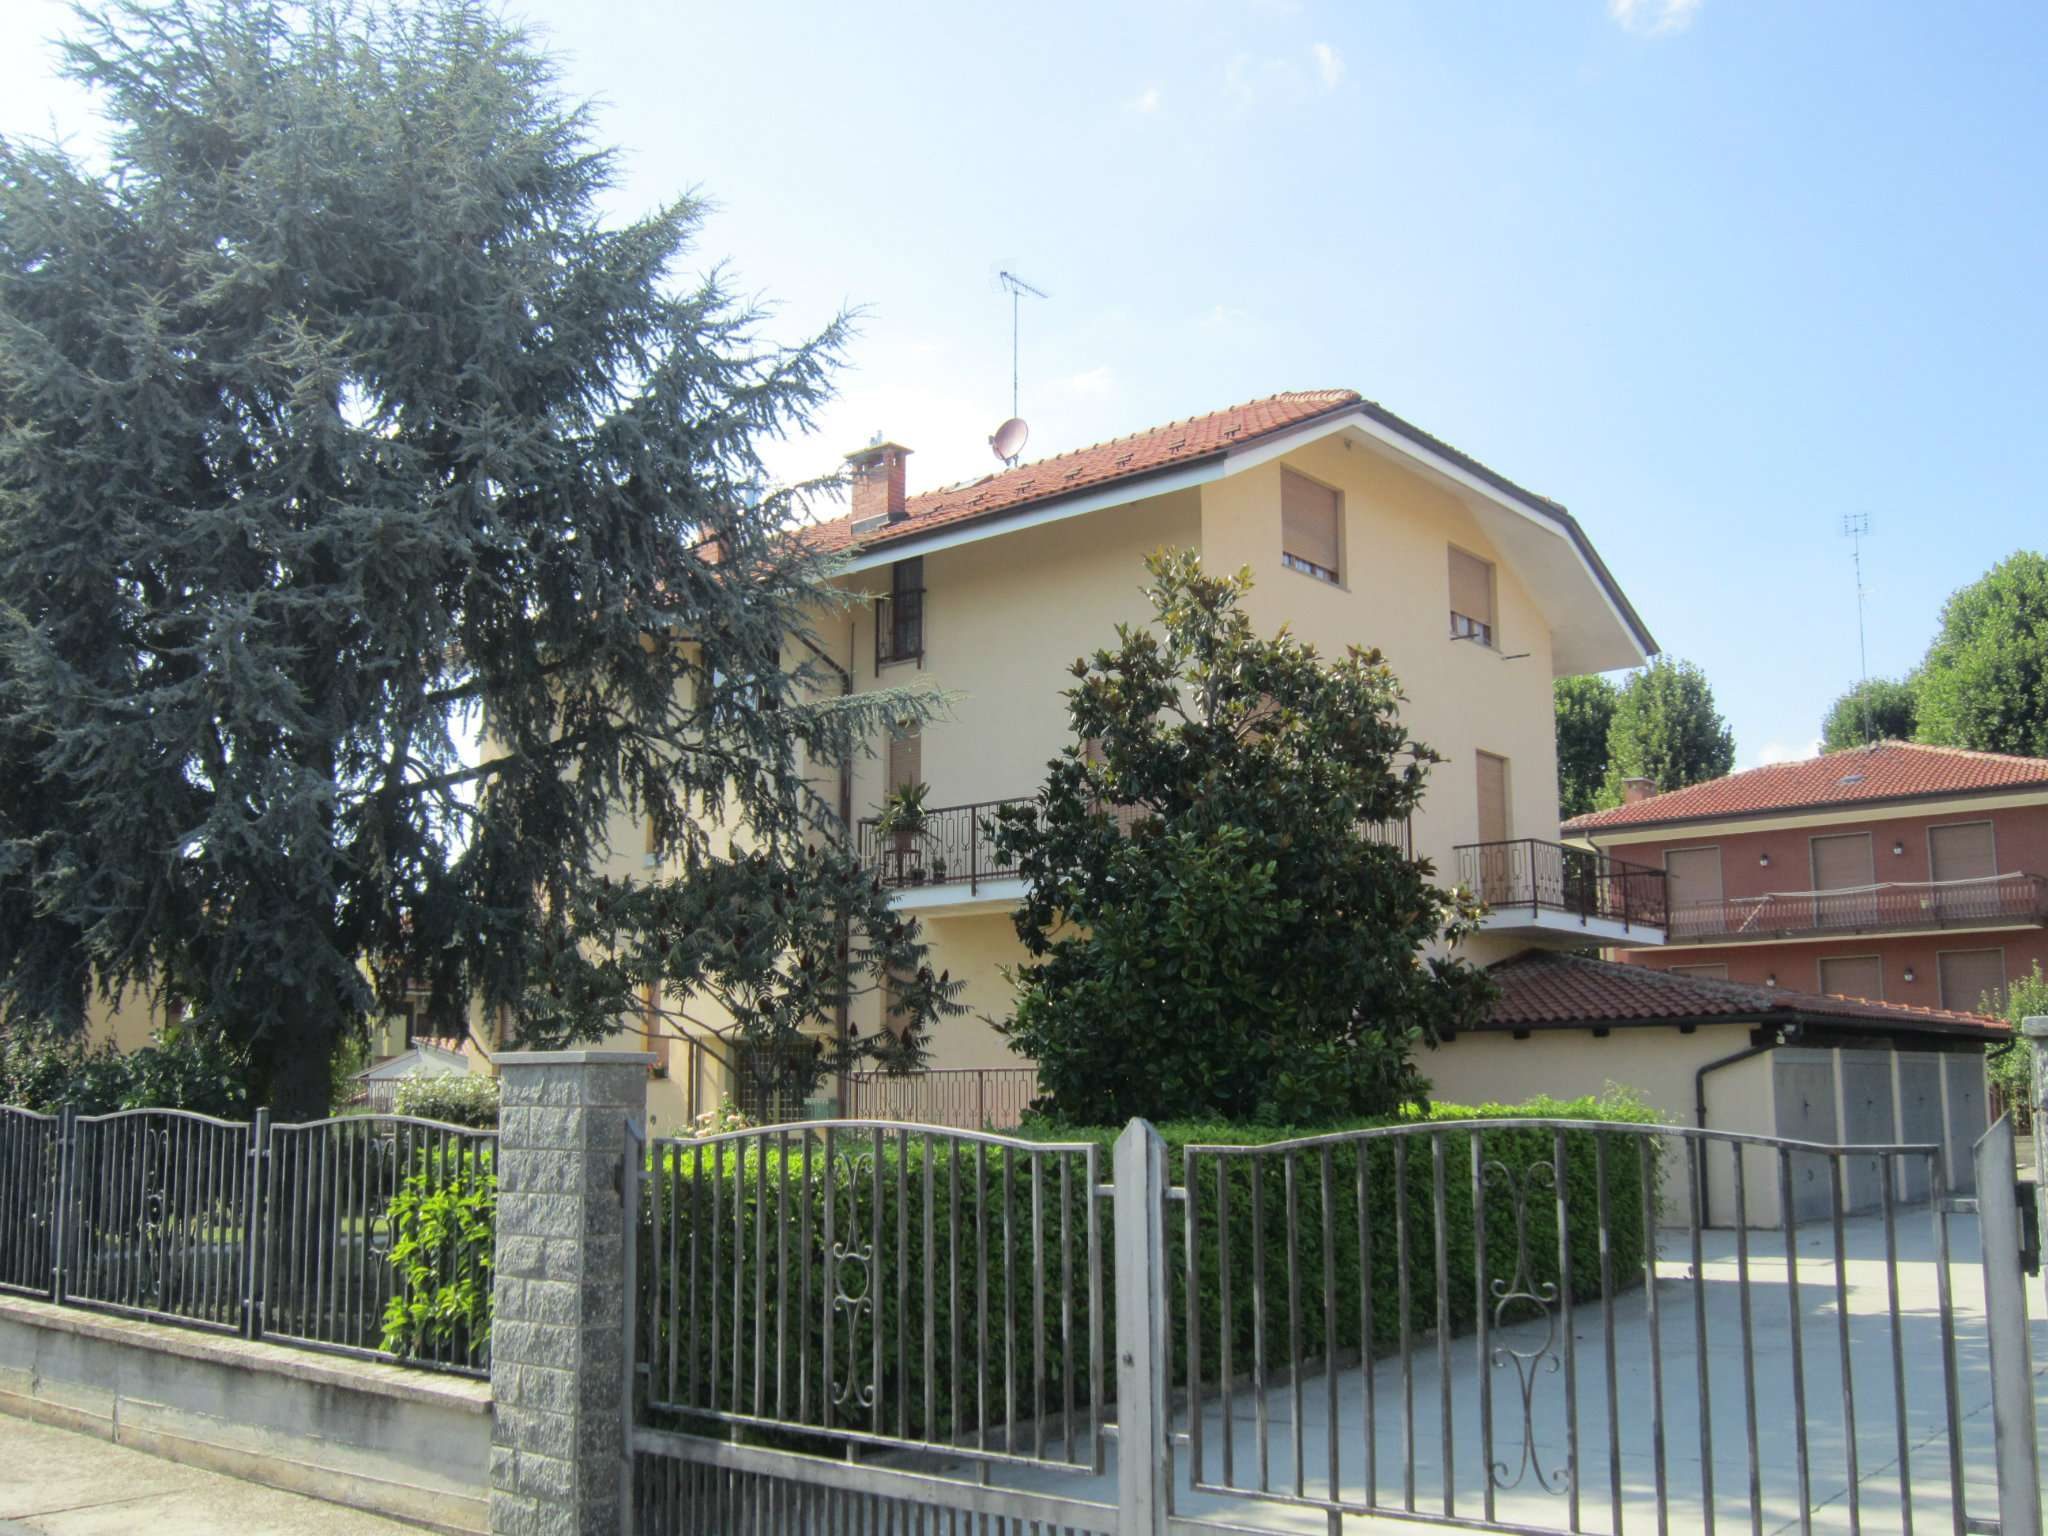 Appartamento in affitto a Cherasco, 3 locali, prezzo € 350 | CambioCasa.it